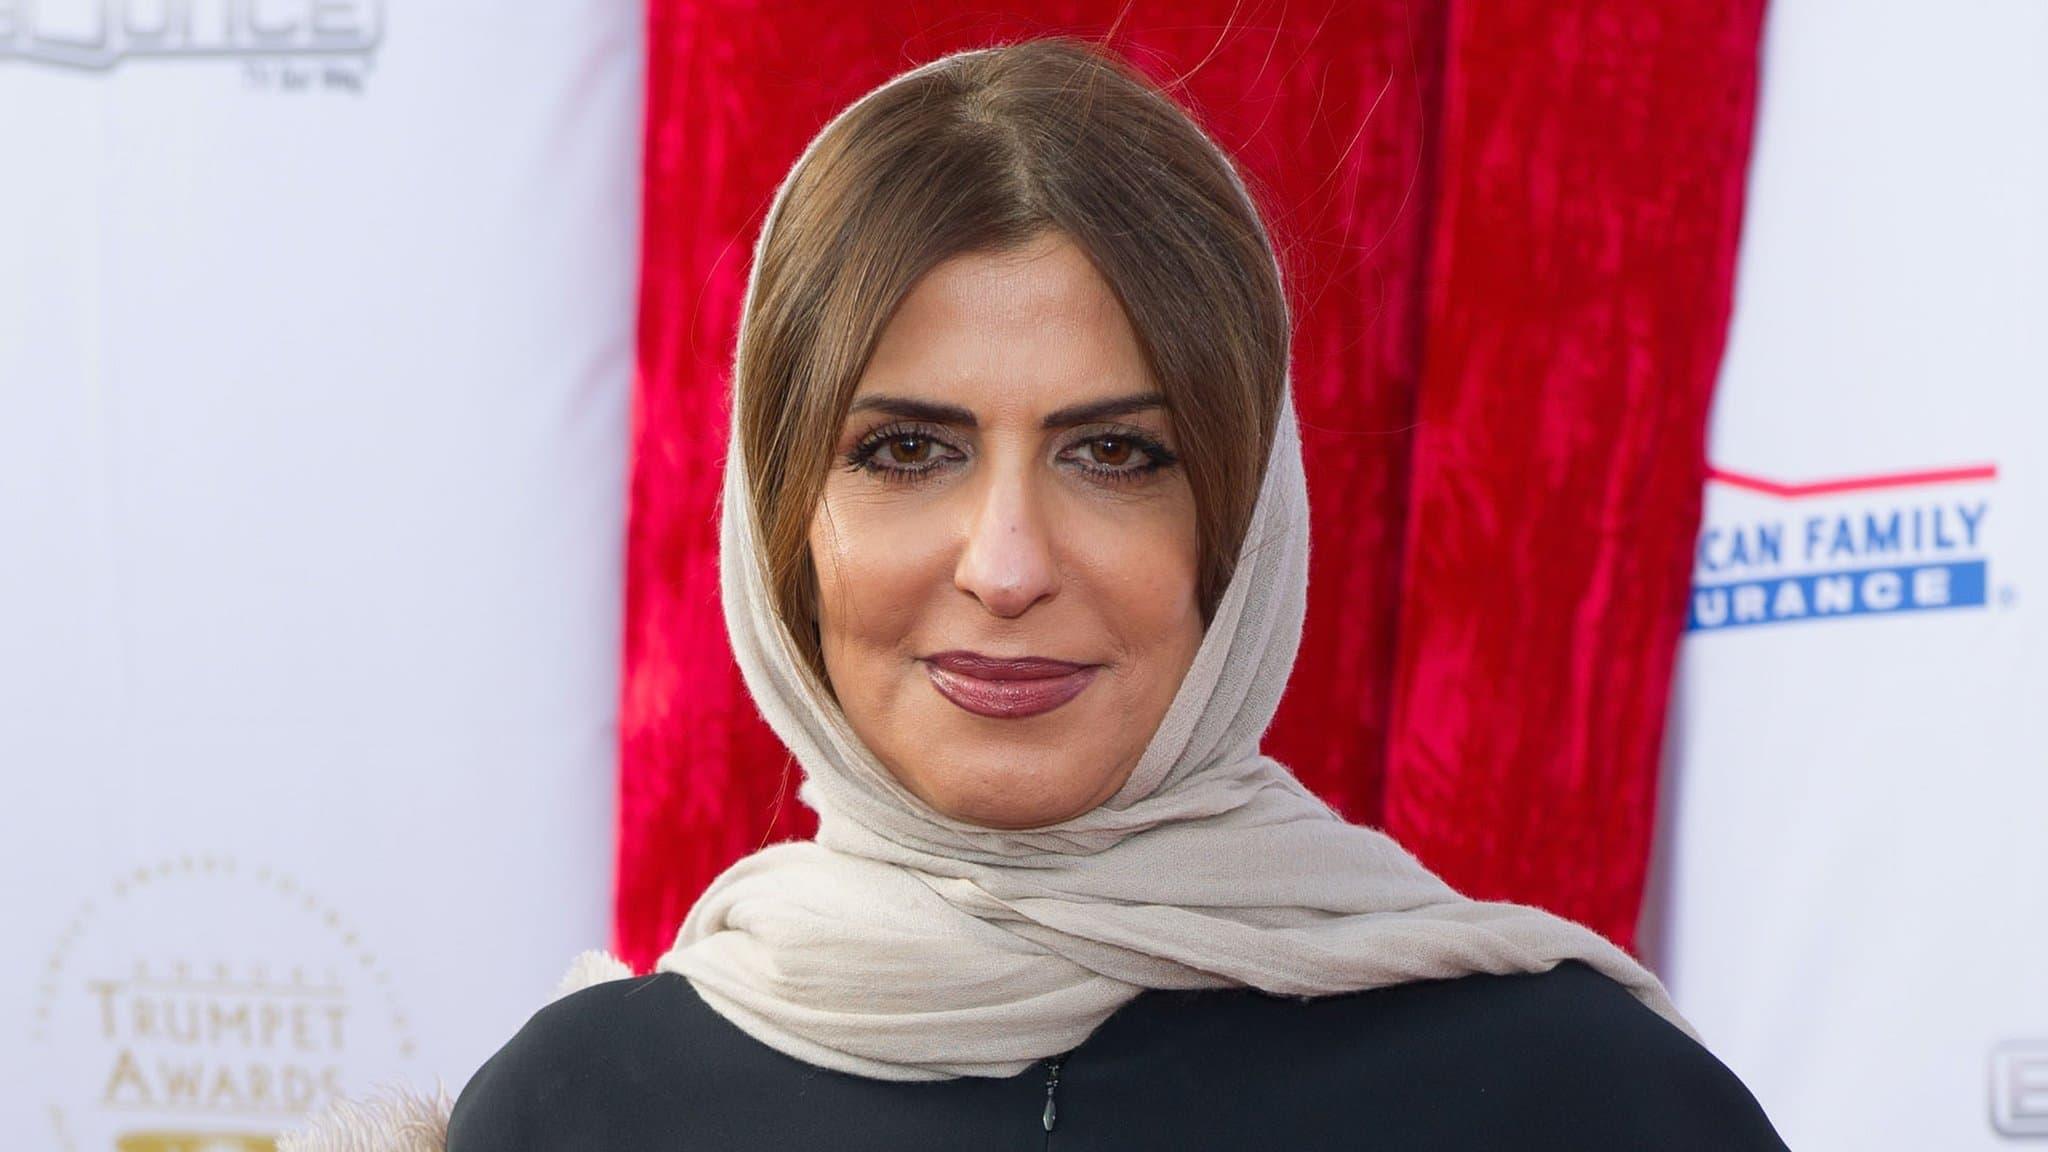 الأميرة بسمة ناشدت محمد بن سلمان لإطلاق سراحها خلال شهر رمضان